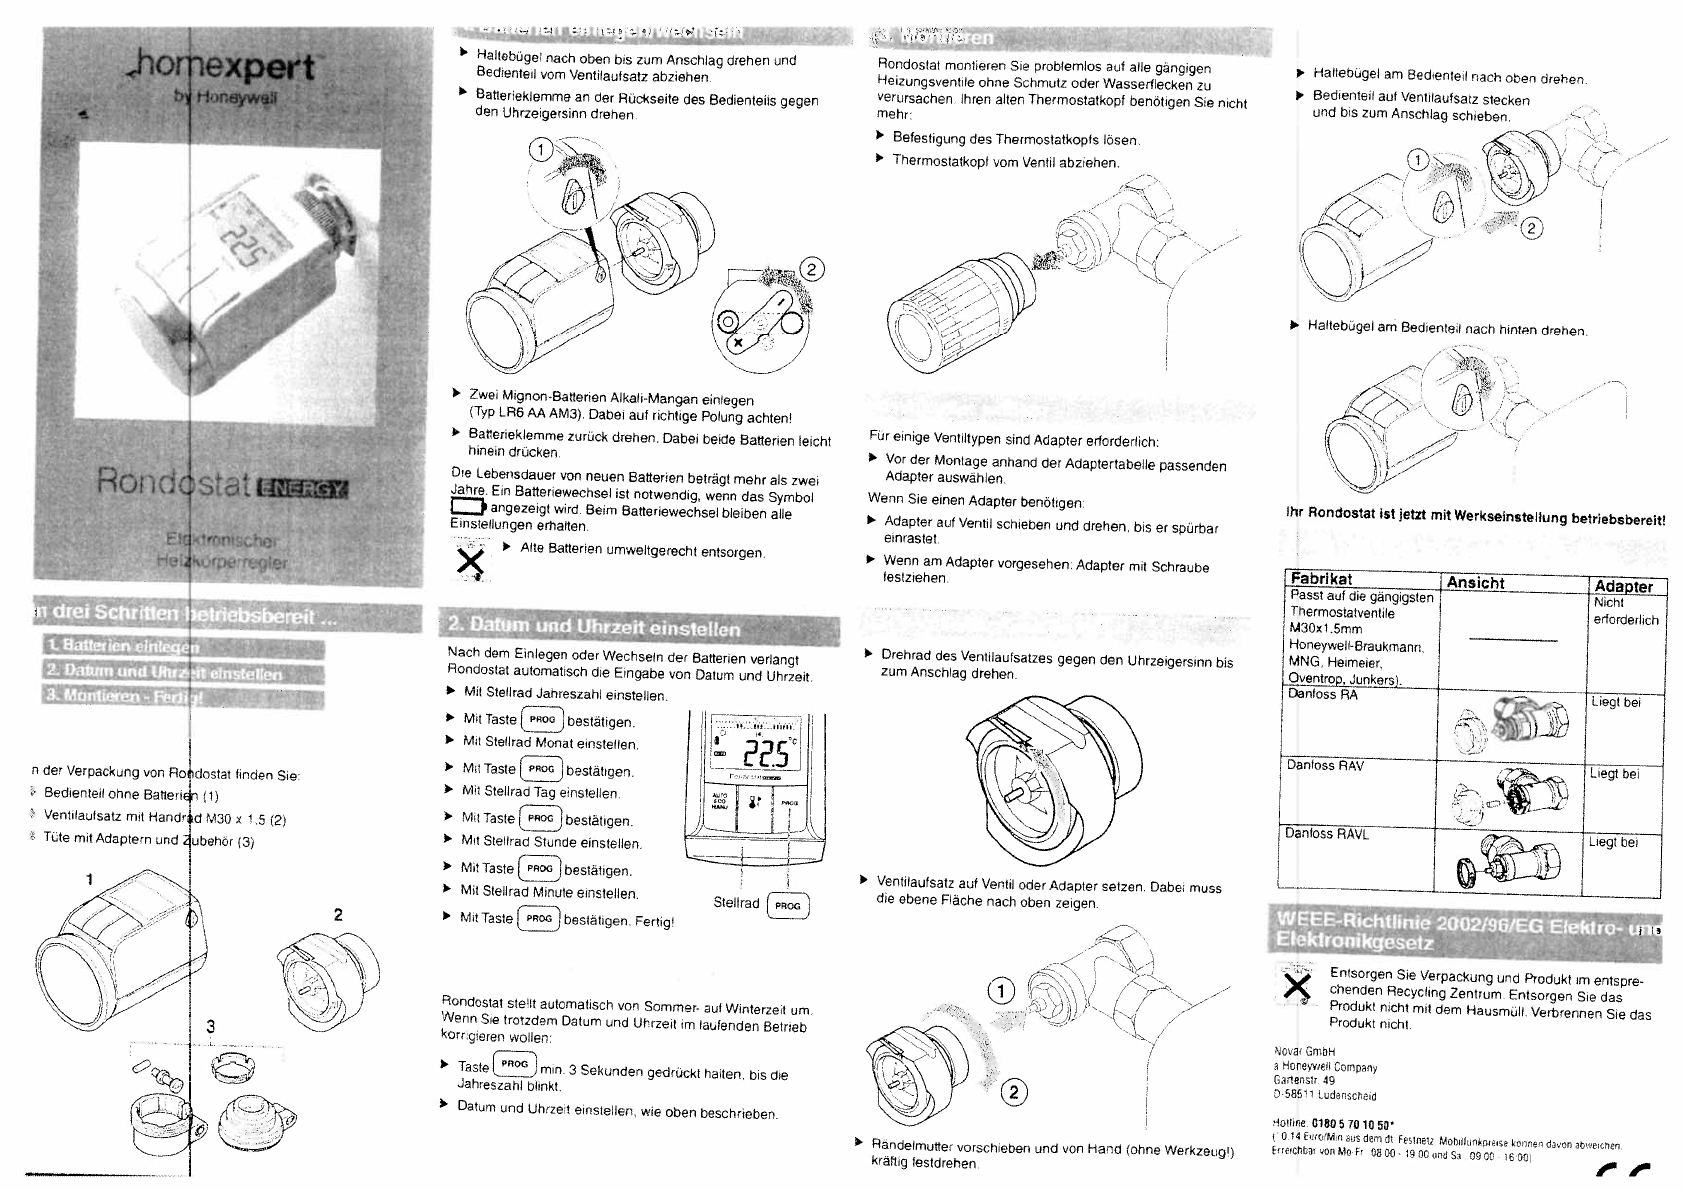 bedienungsanleitung homexpert by honeywell hr25bg rondostat energy seite 1 von 2 deutsch. Black Bedroom Furniture Sets. Home Design Ideas